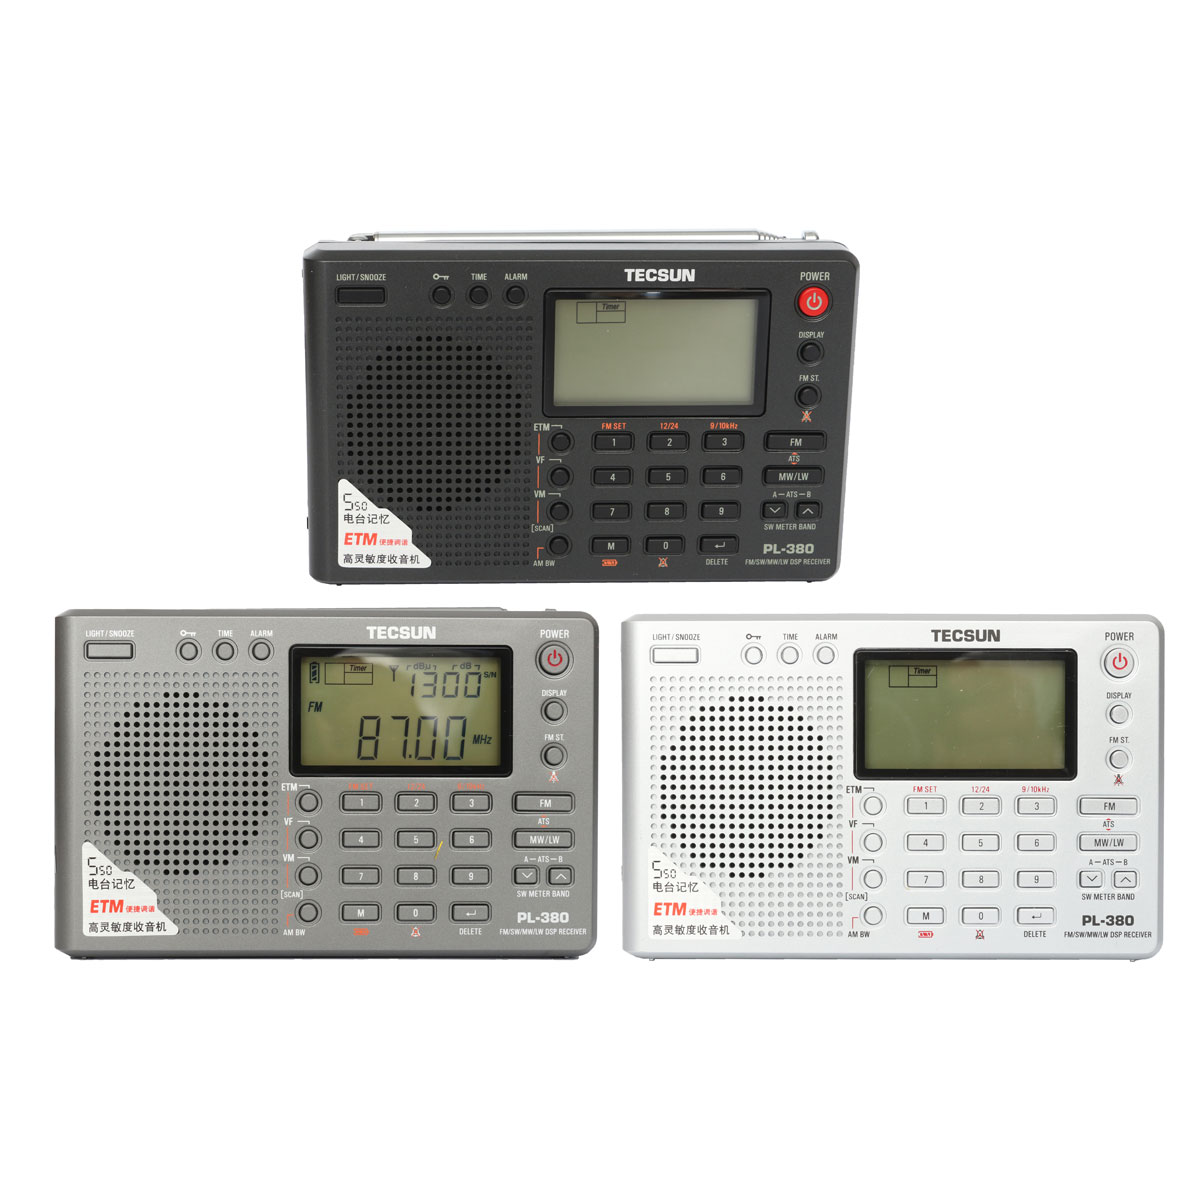 TECSUN PL-380 DSP PLL FM MW SW LW Radio stéréo numérique récepteur bande du monde nouveau 135x86x29mm 3 couleurs 7 Mode de réglage sélectionnable